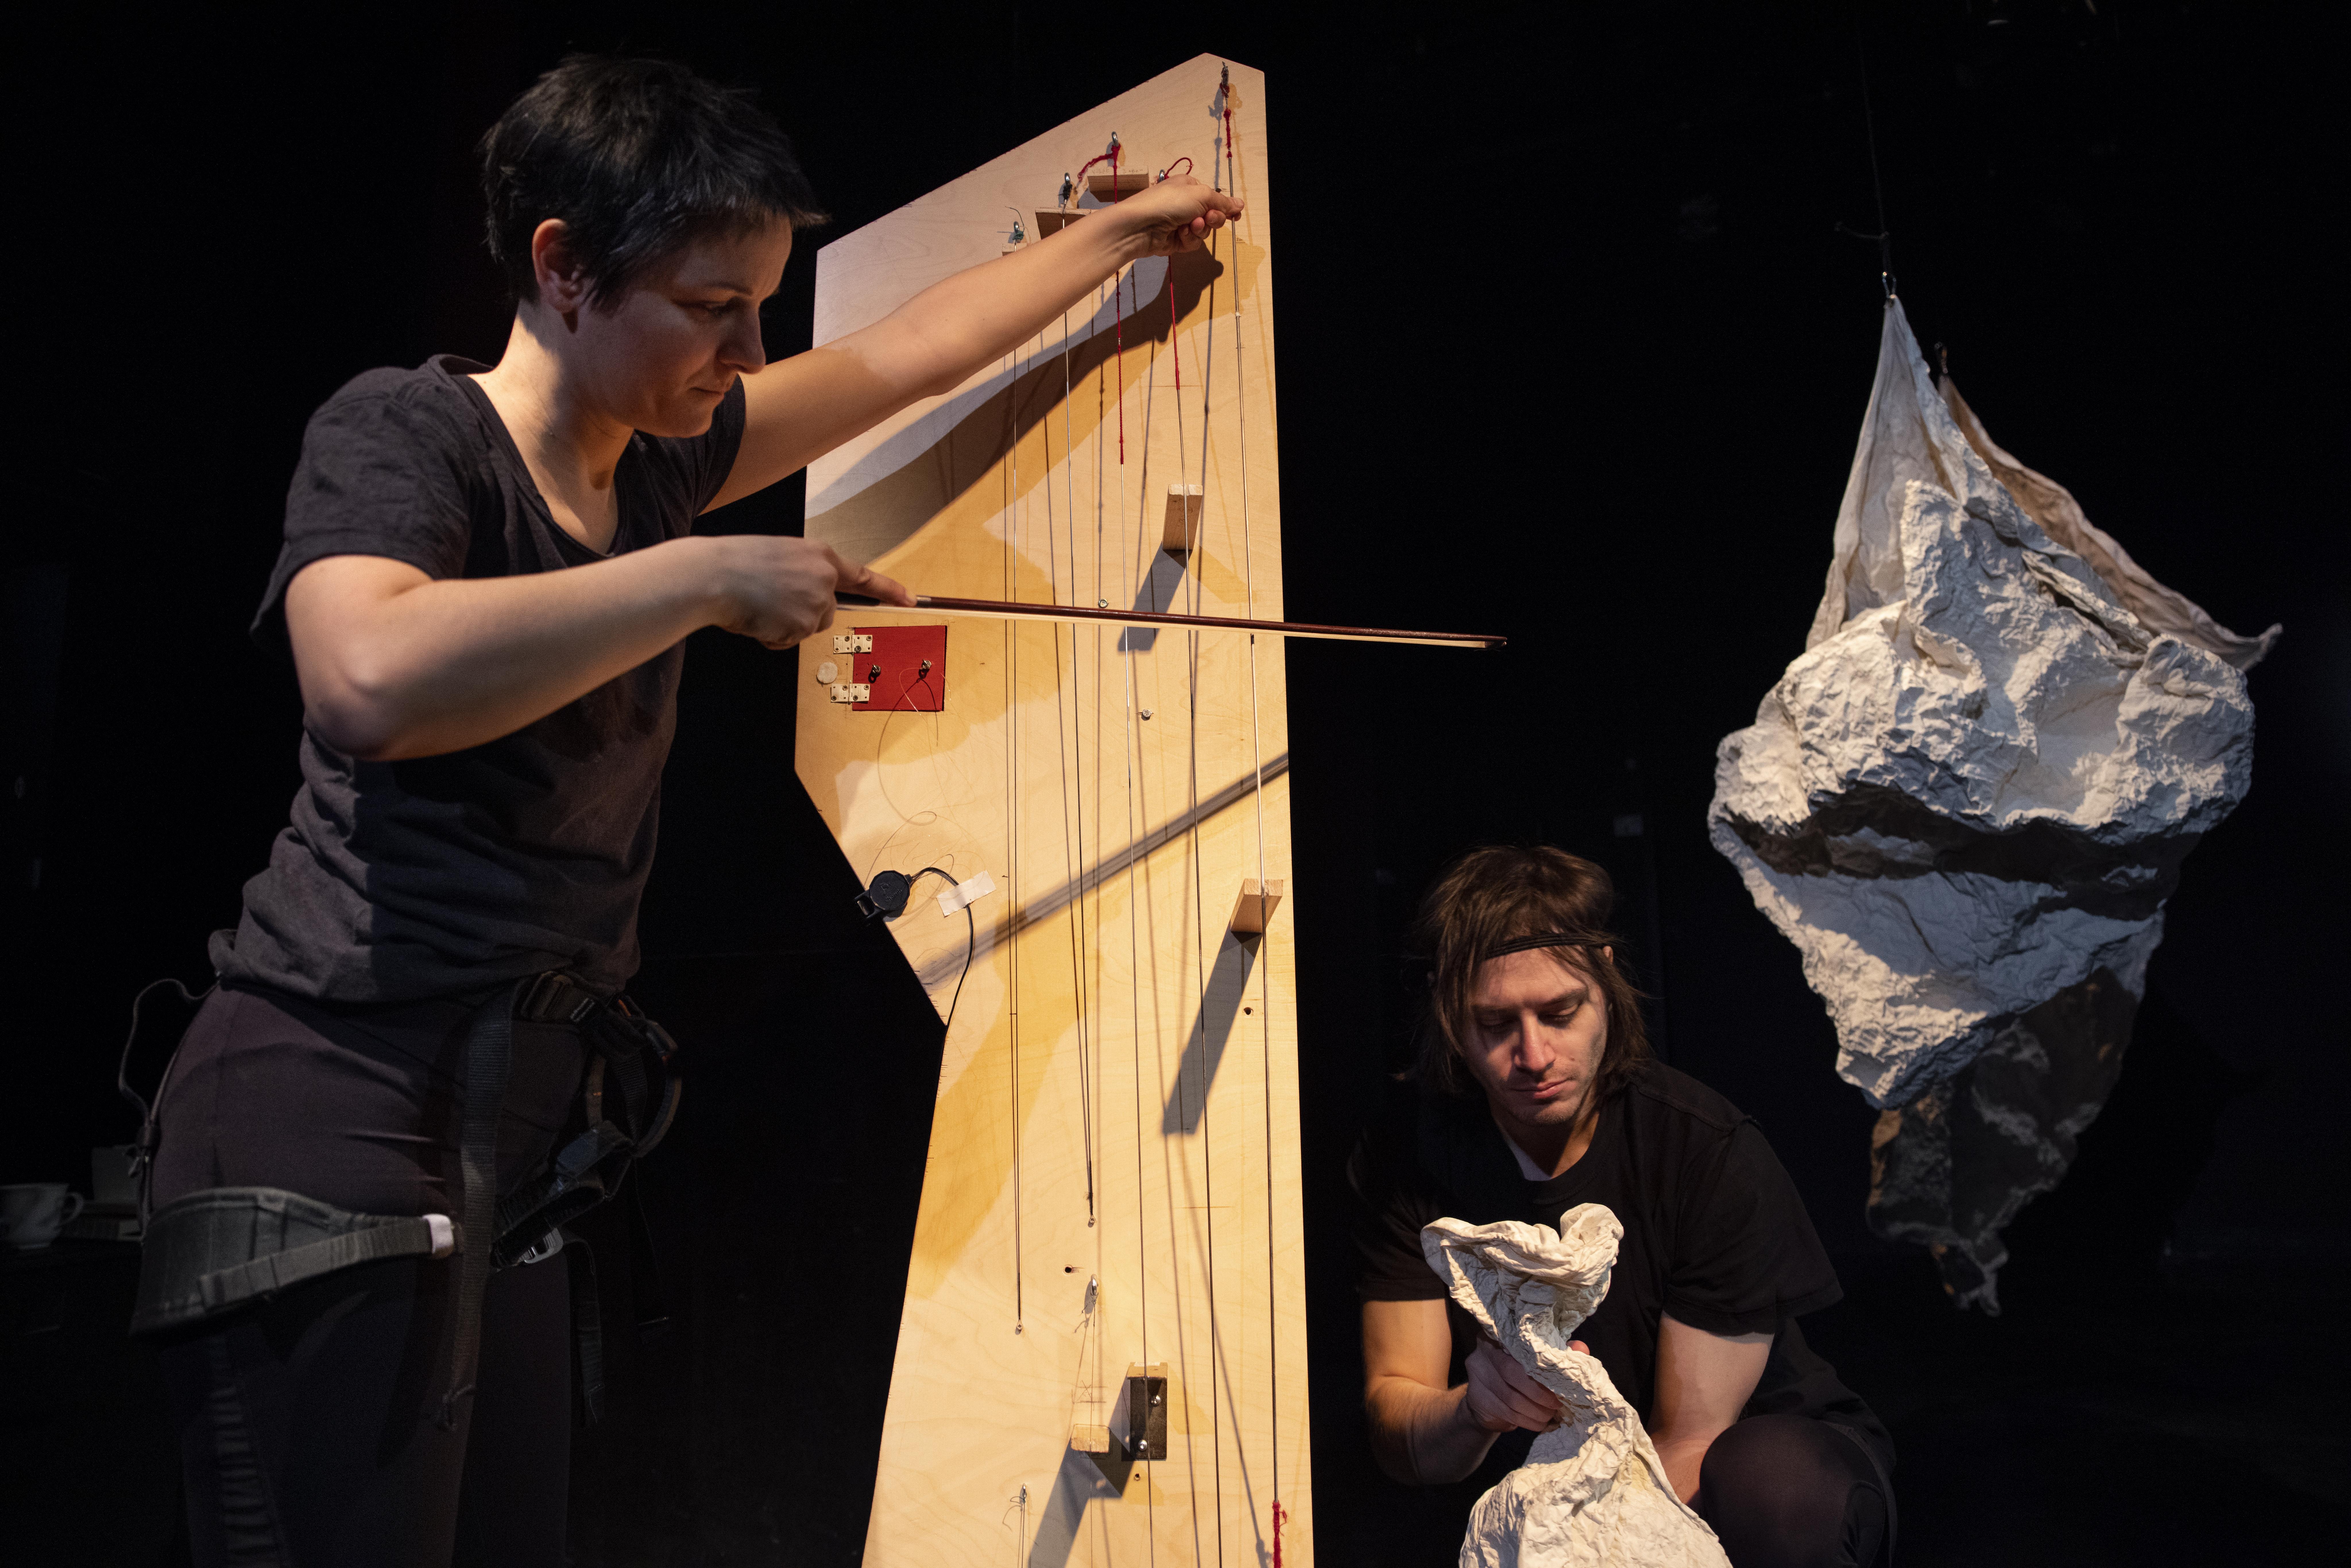 die Spielerin streicht mit einem Bogen über ein Brett mit Saiten, daneben hockt ein zweiter Spieler mit einer formbaren Folie, im Hintergrund hängt eine weiße geformte Skulptur